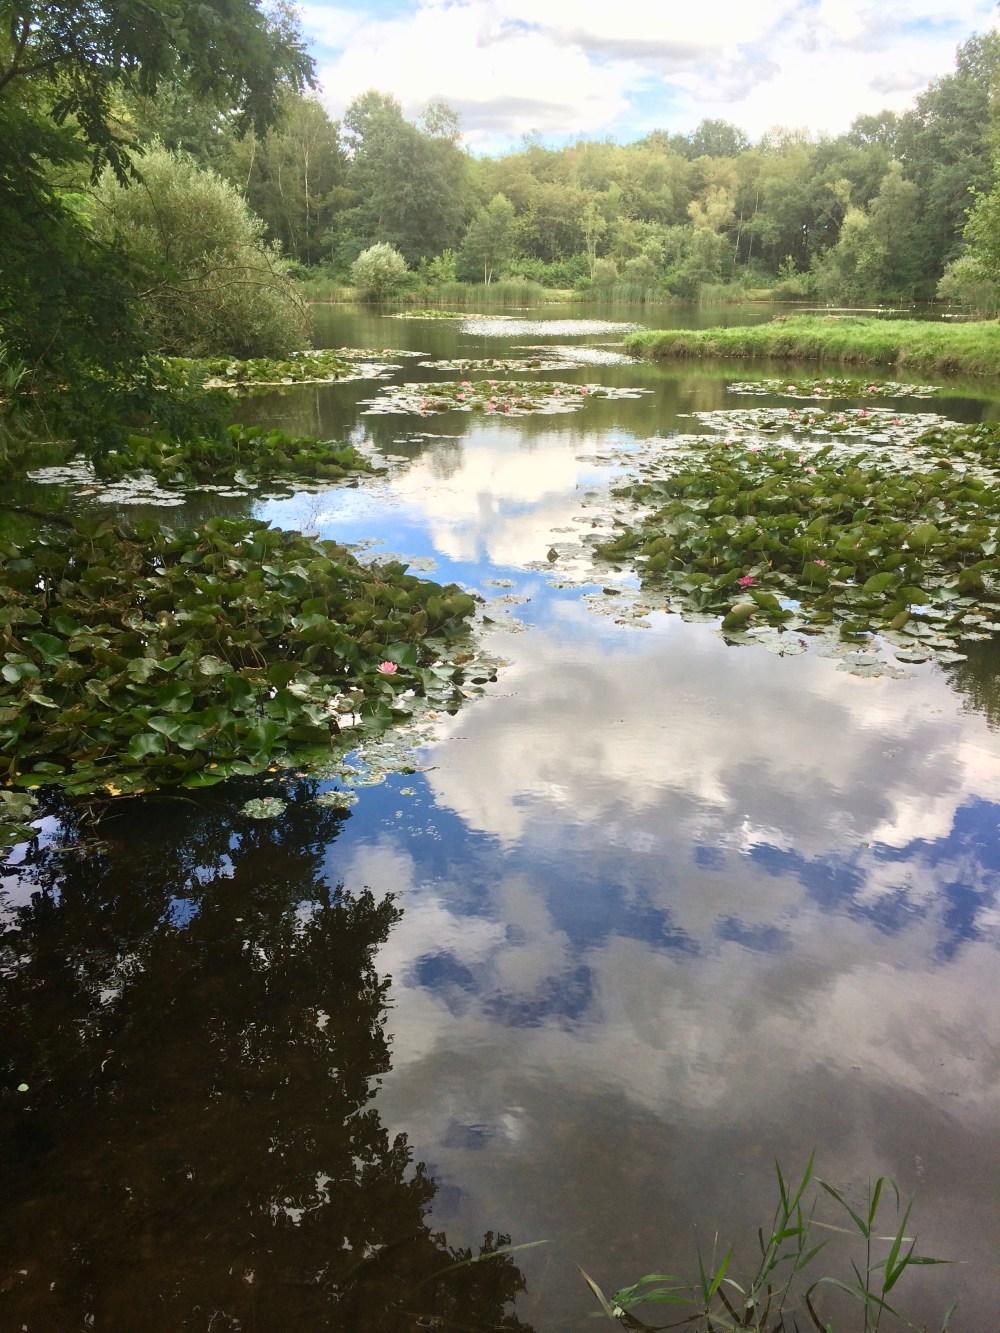 Reflexion des Himmels auf der Oberfläche eines Gewässers  -> Spieglei, Spieglein auf dem Wasser